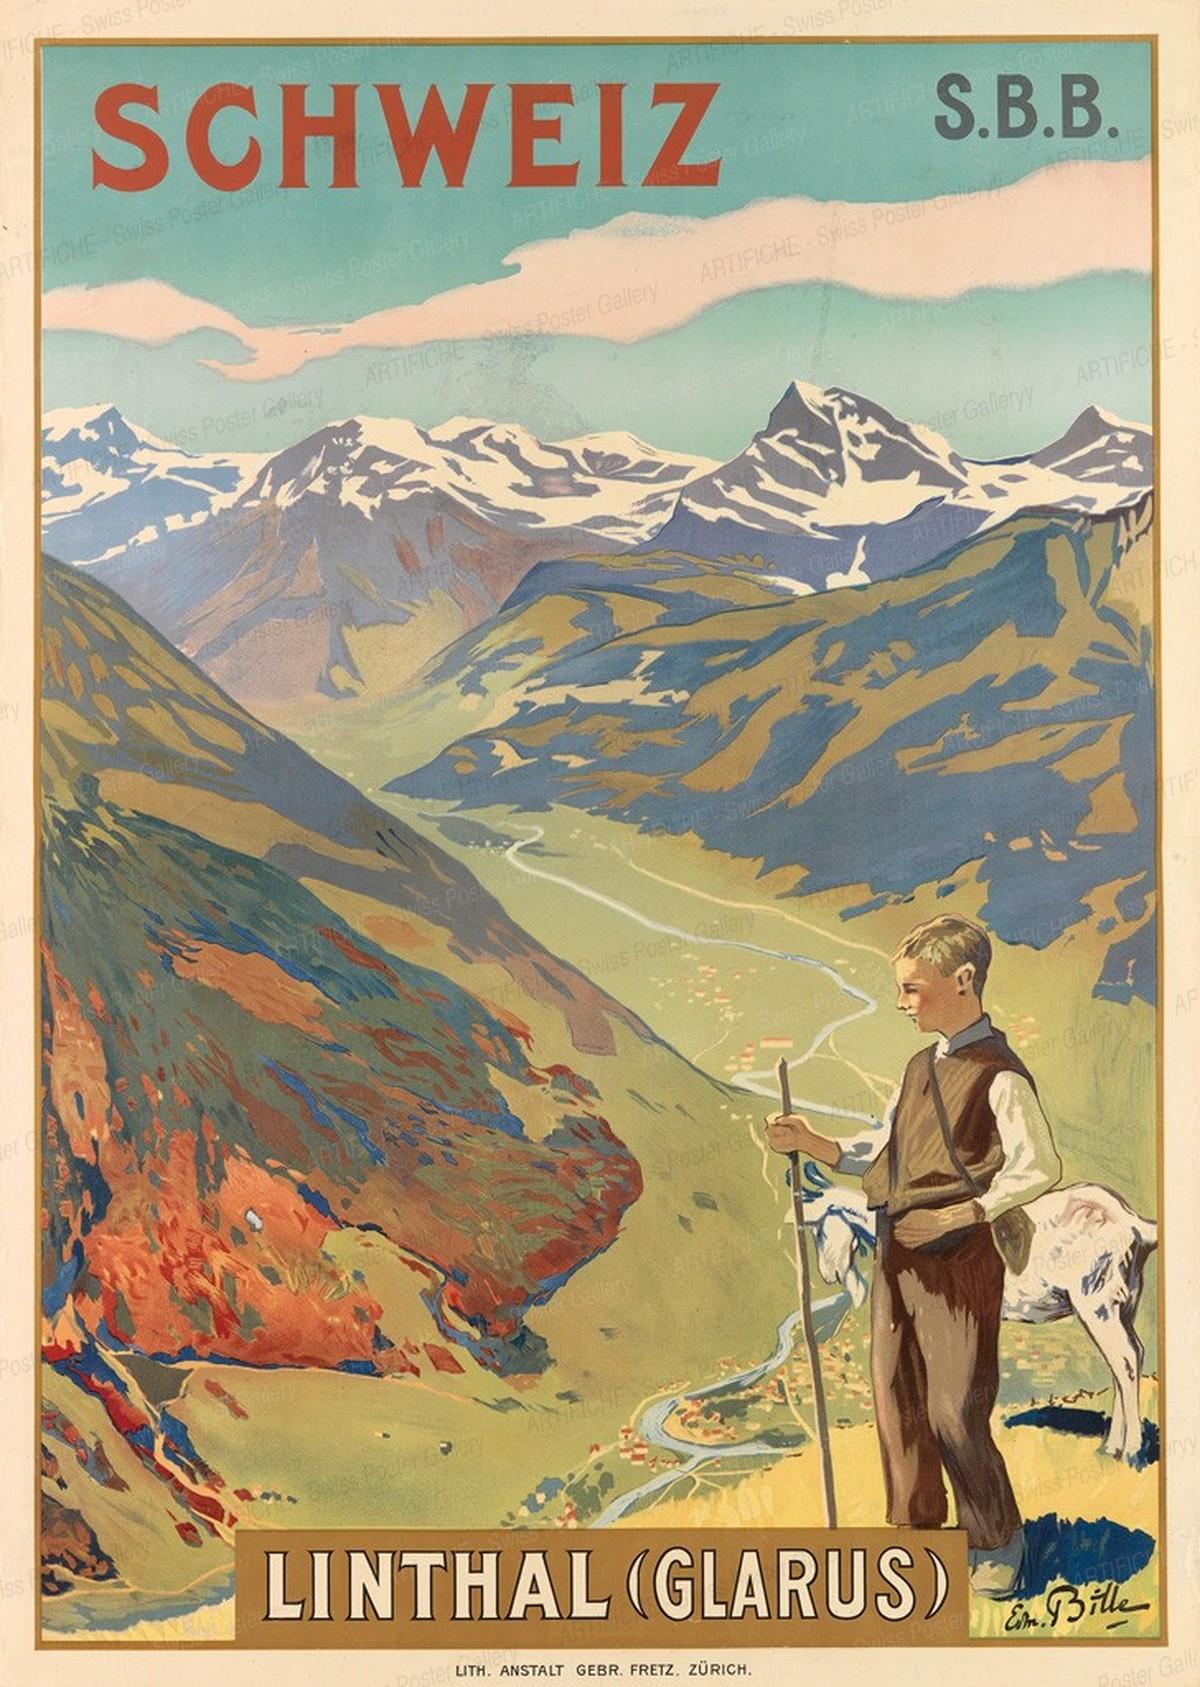 Schweiz – Linthal (Glarus) – S.B.B., Edmond Bille